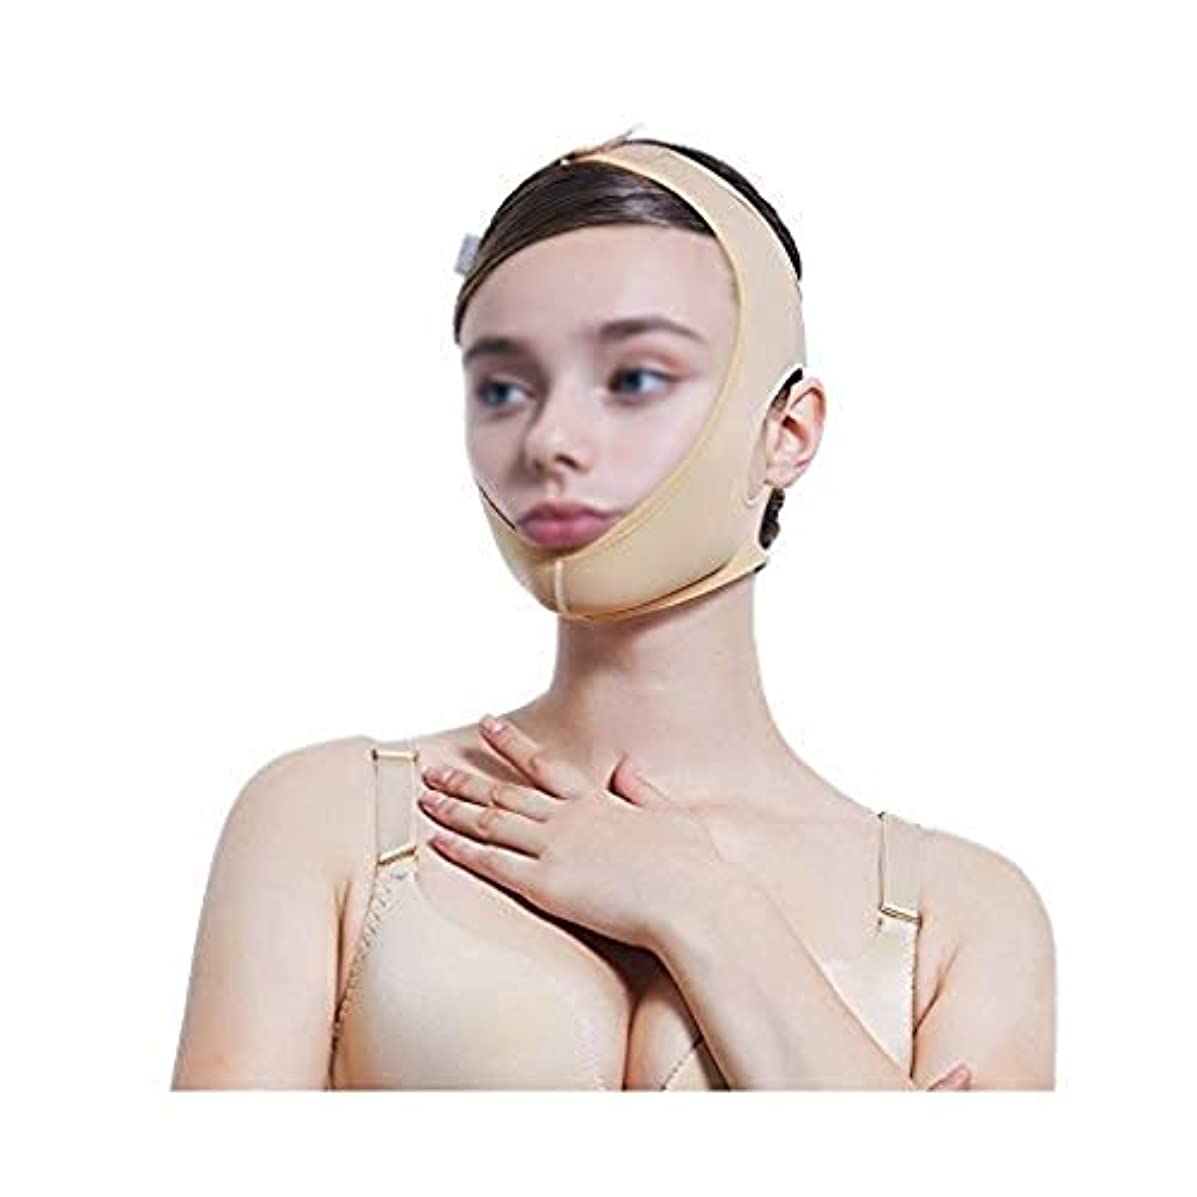 減衰枕必要条件XHLMRMJ フェイスアンドネックリフト、減量ポストヘッドシンダブルチンアーティファクトVフェイスビームフェイスジョーセットフェイスマスク (Size : XL)